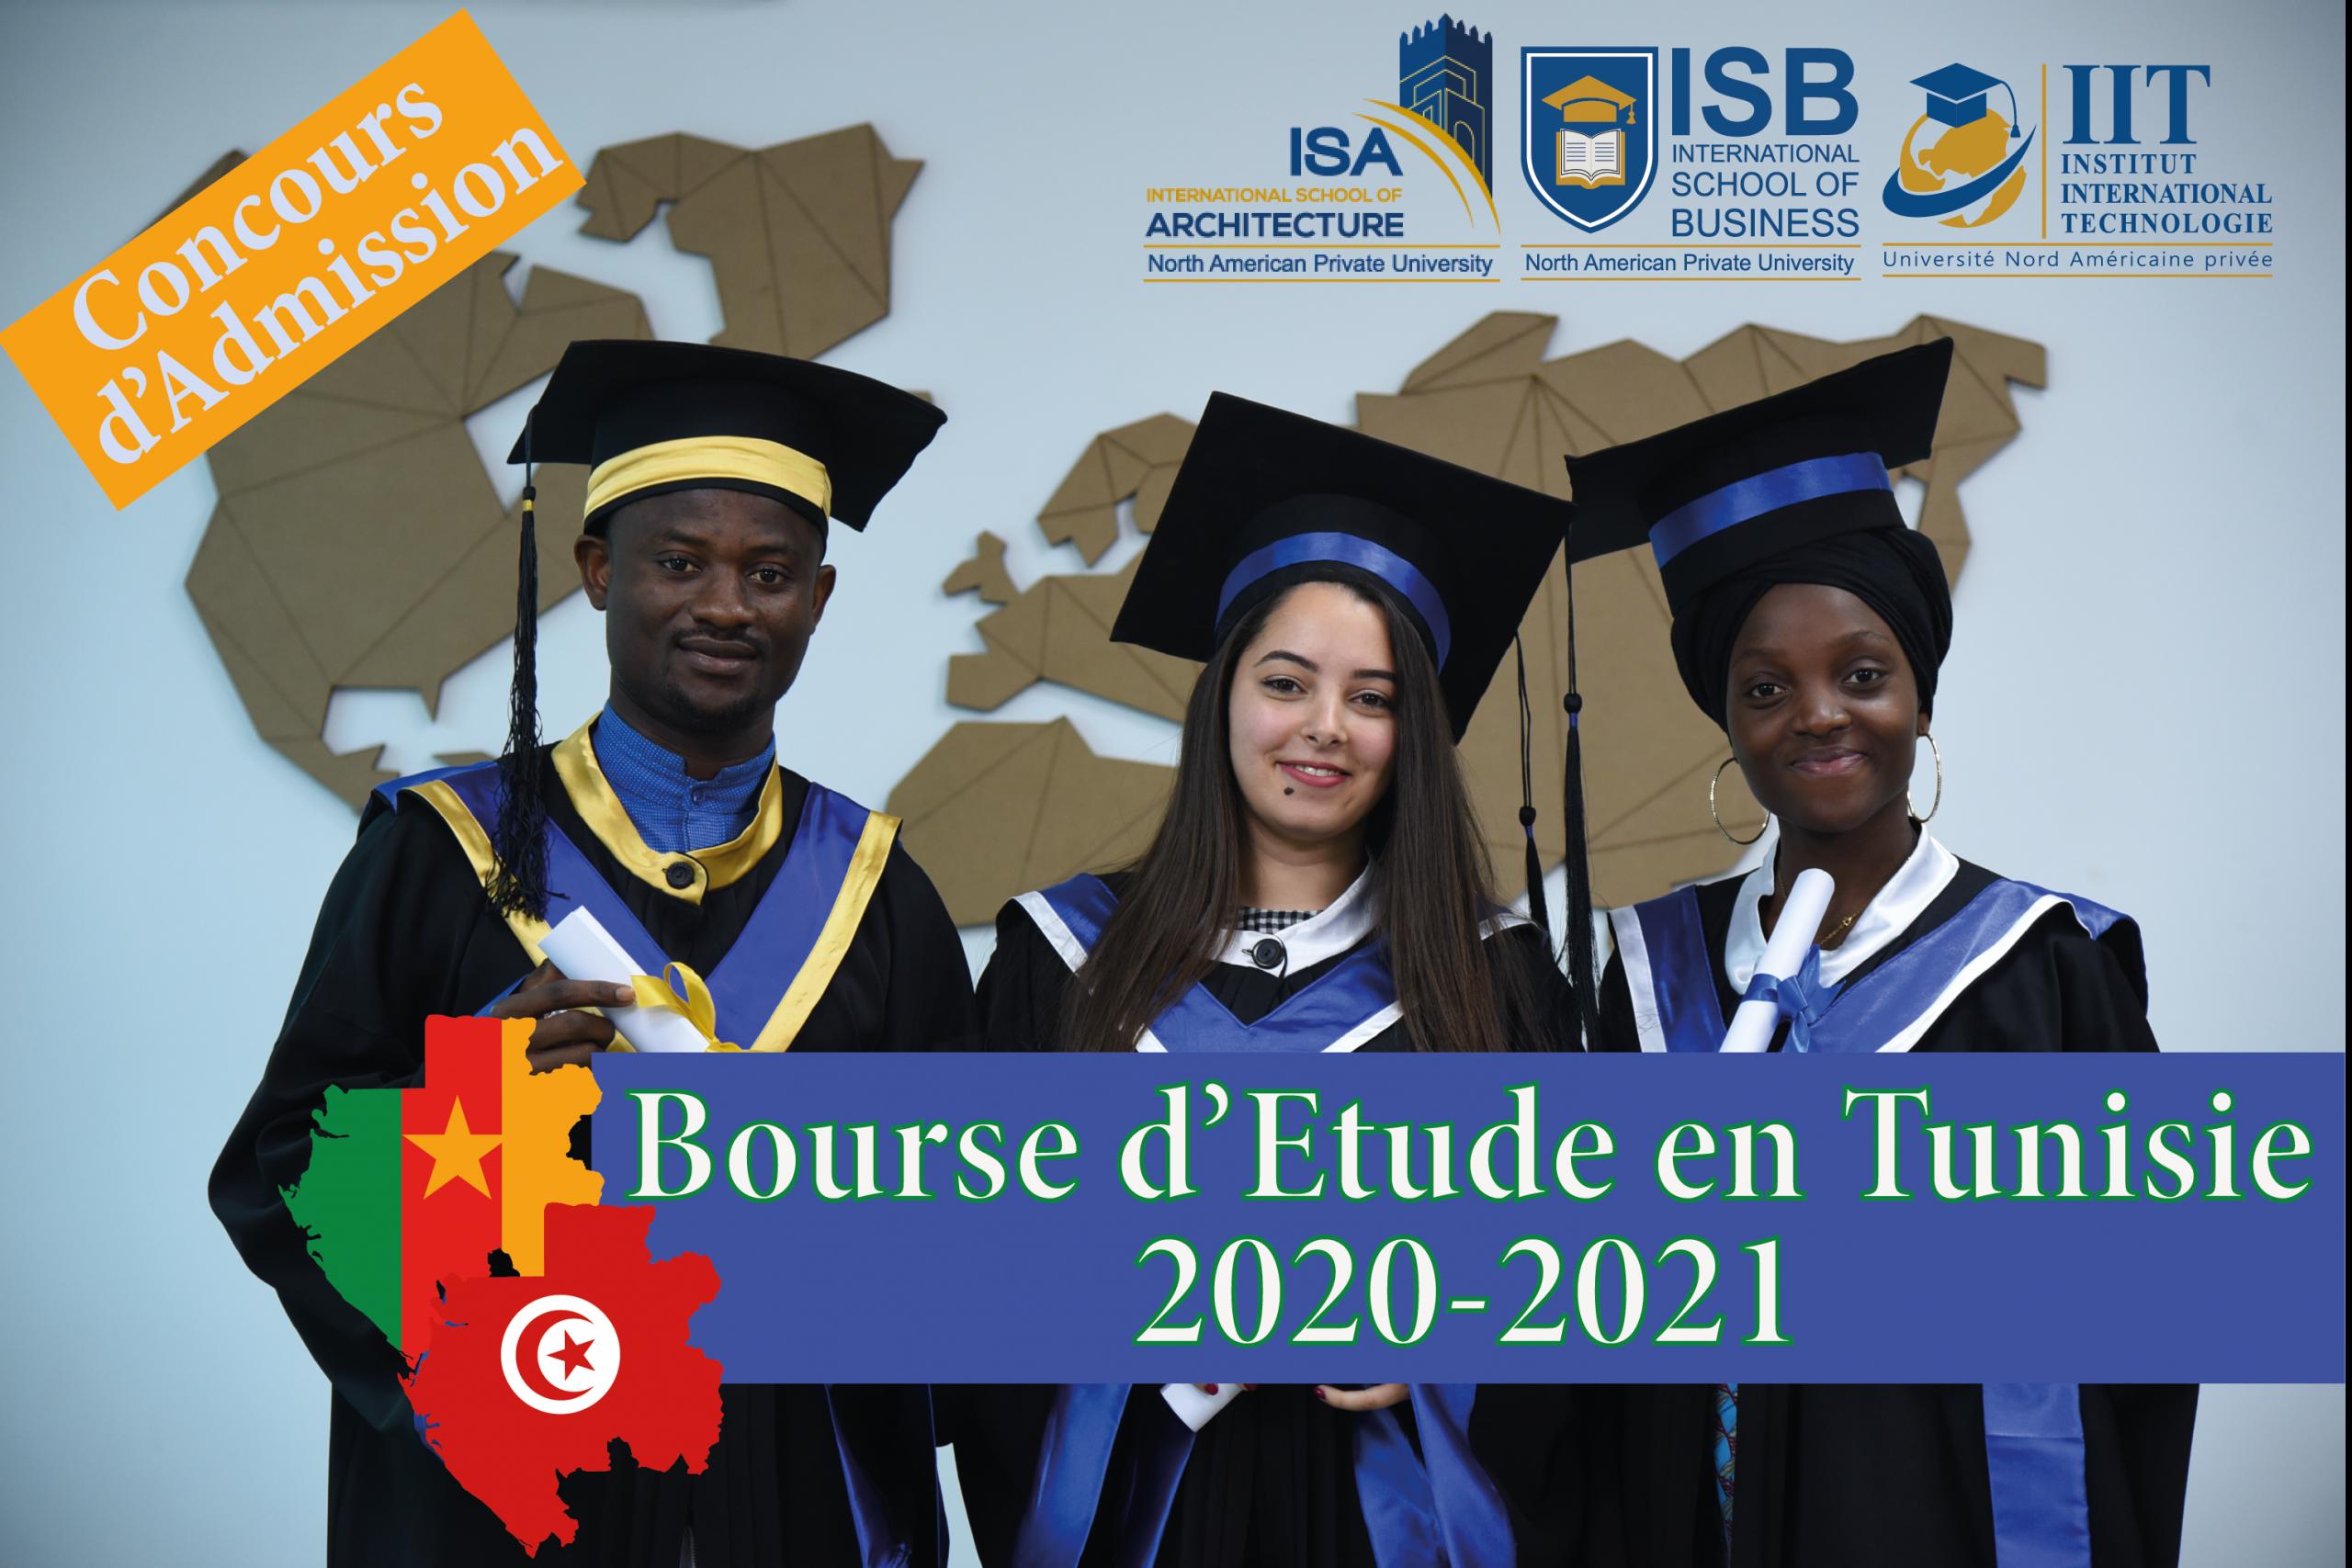 Liste des étudiants camerounais acceptés à l'Université Nord Américaine Privée